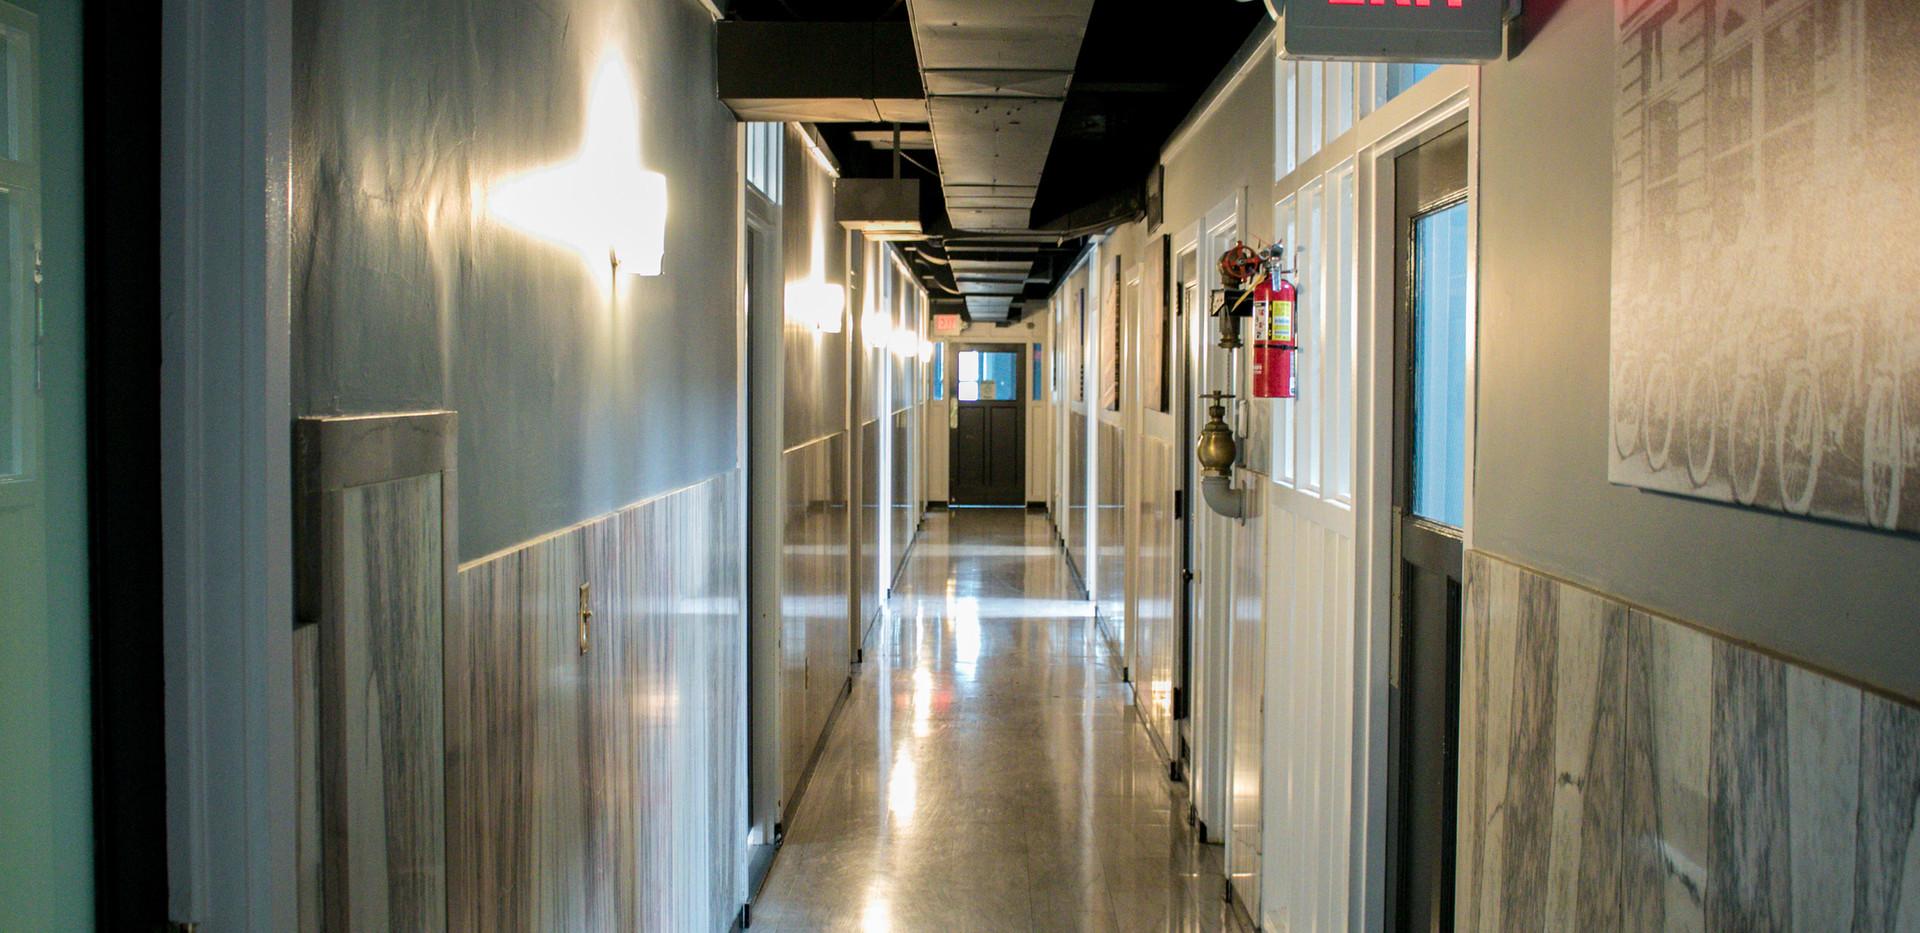 Ninth Floor Hallway